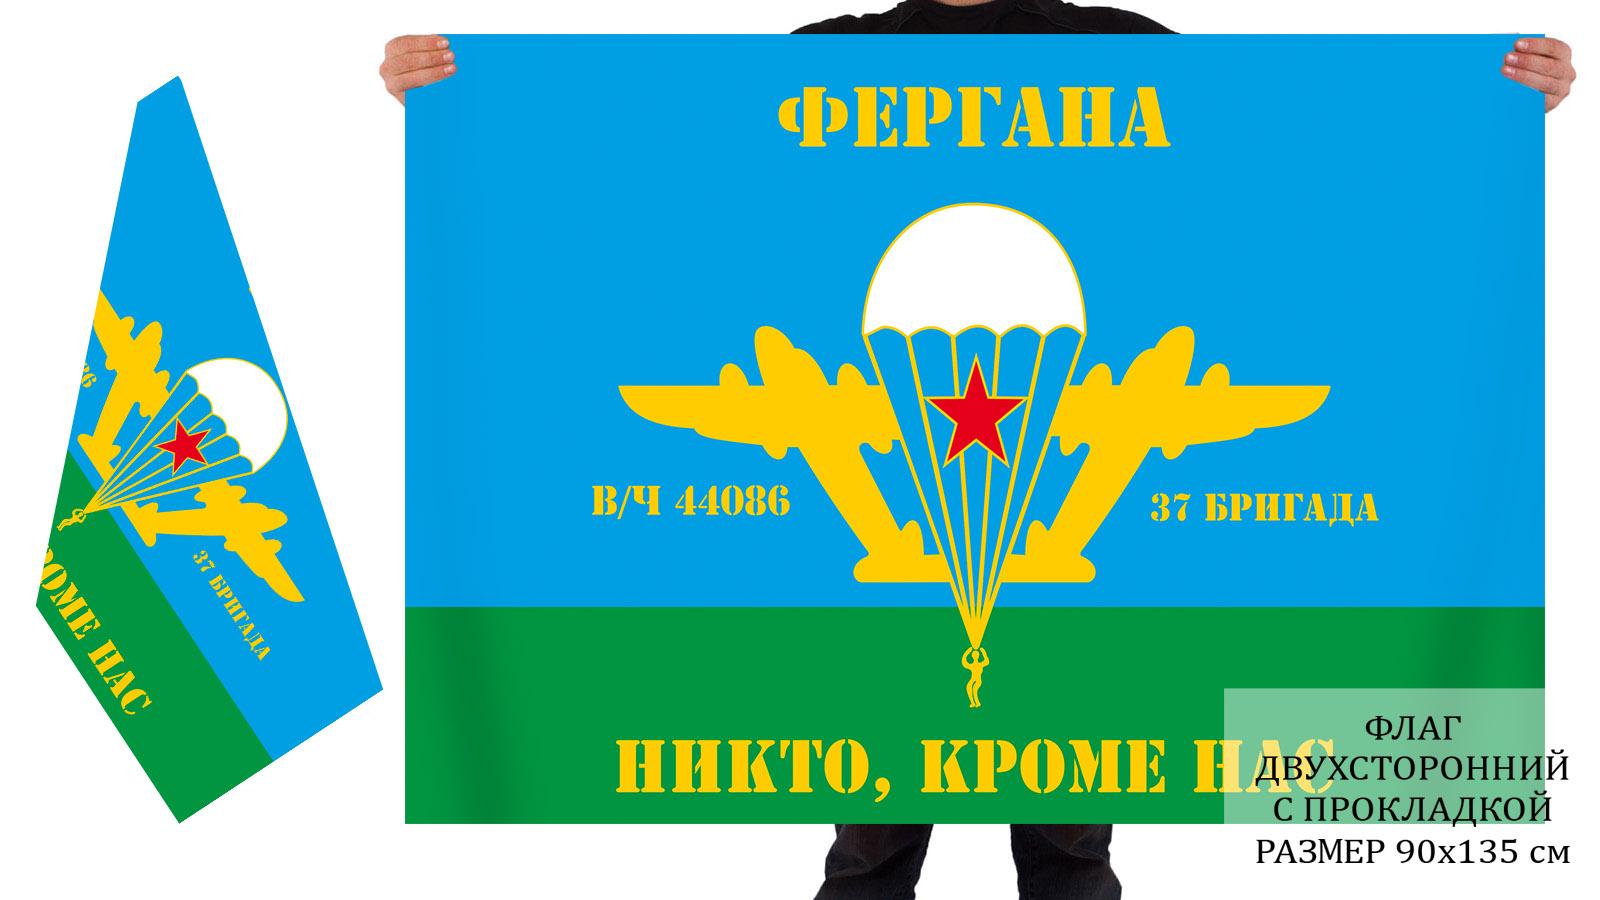 Двусторонний флаг 37 бригады ВДВ